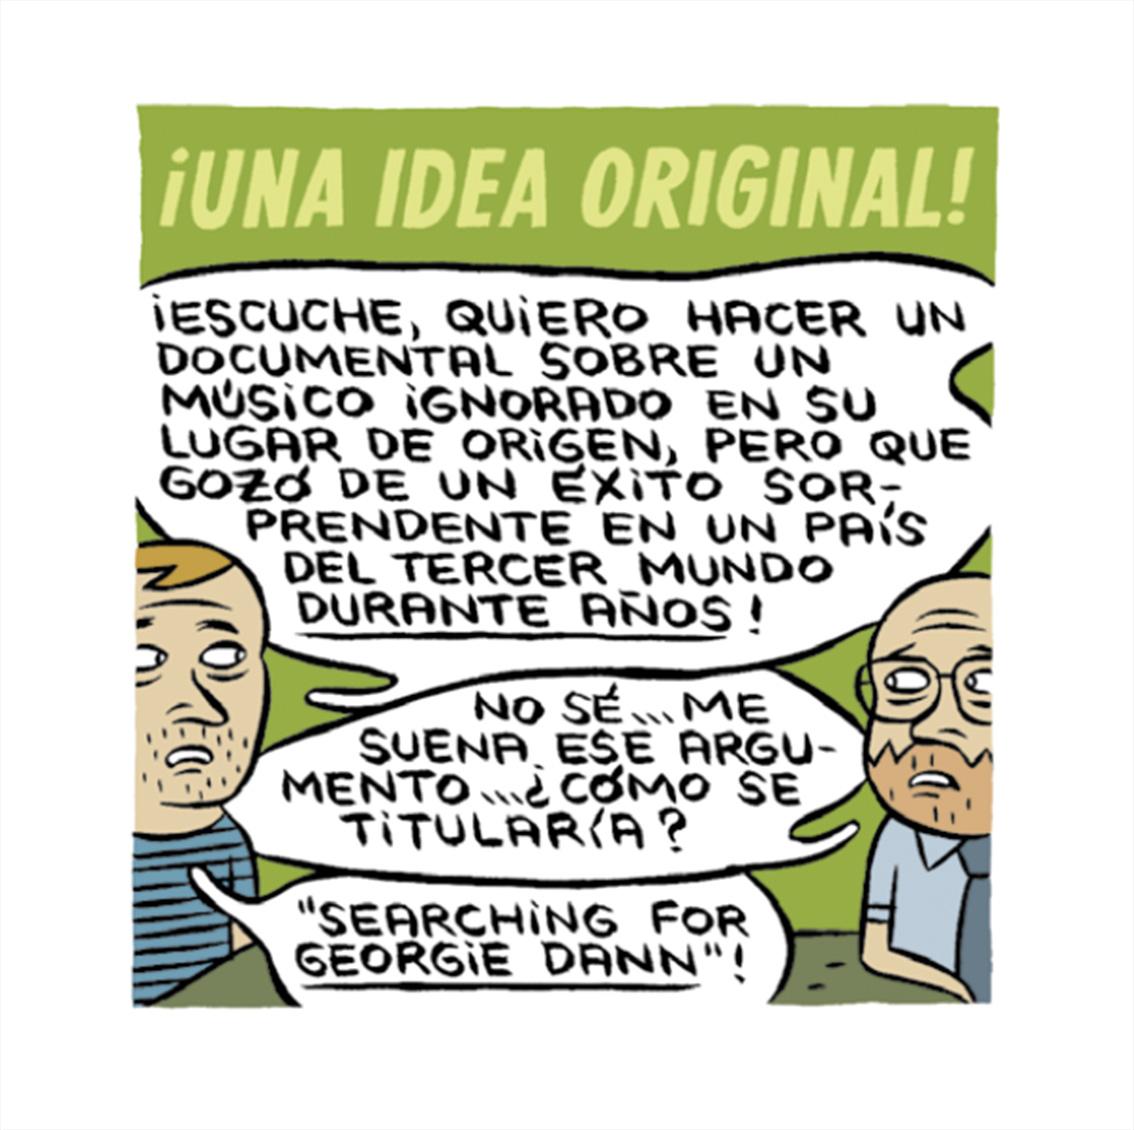 viñetaLi2B